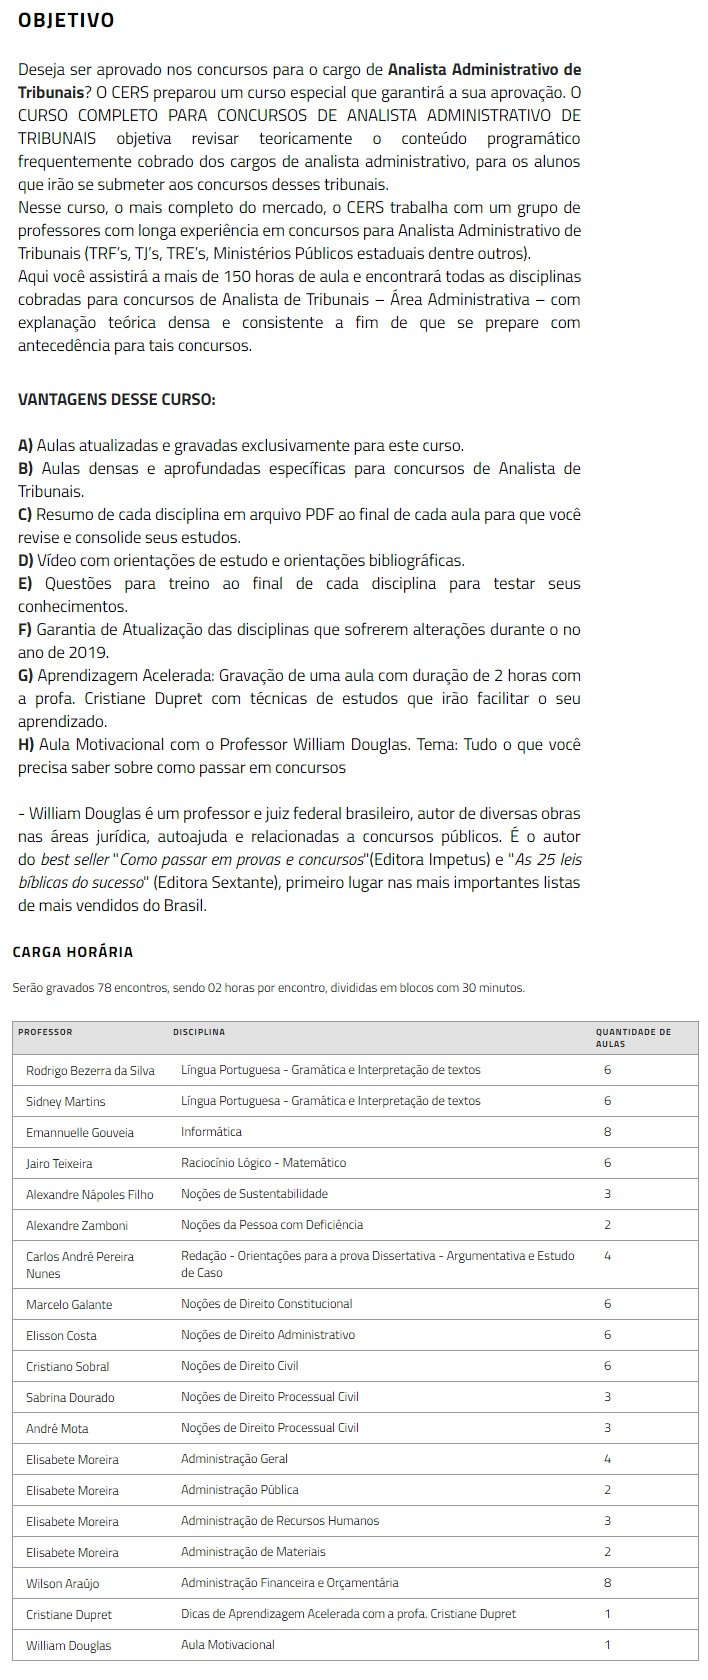 Analista_dos_Tribunais_Área_Administrati